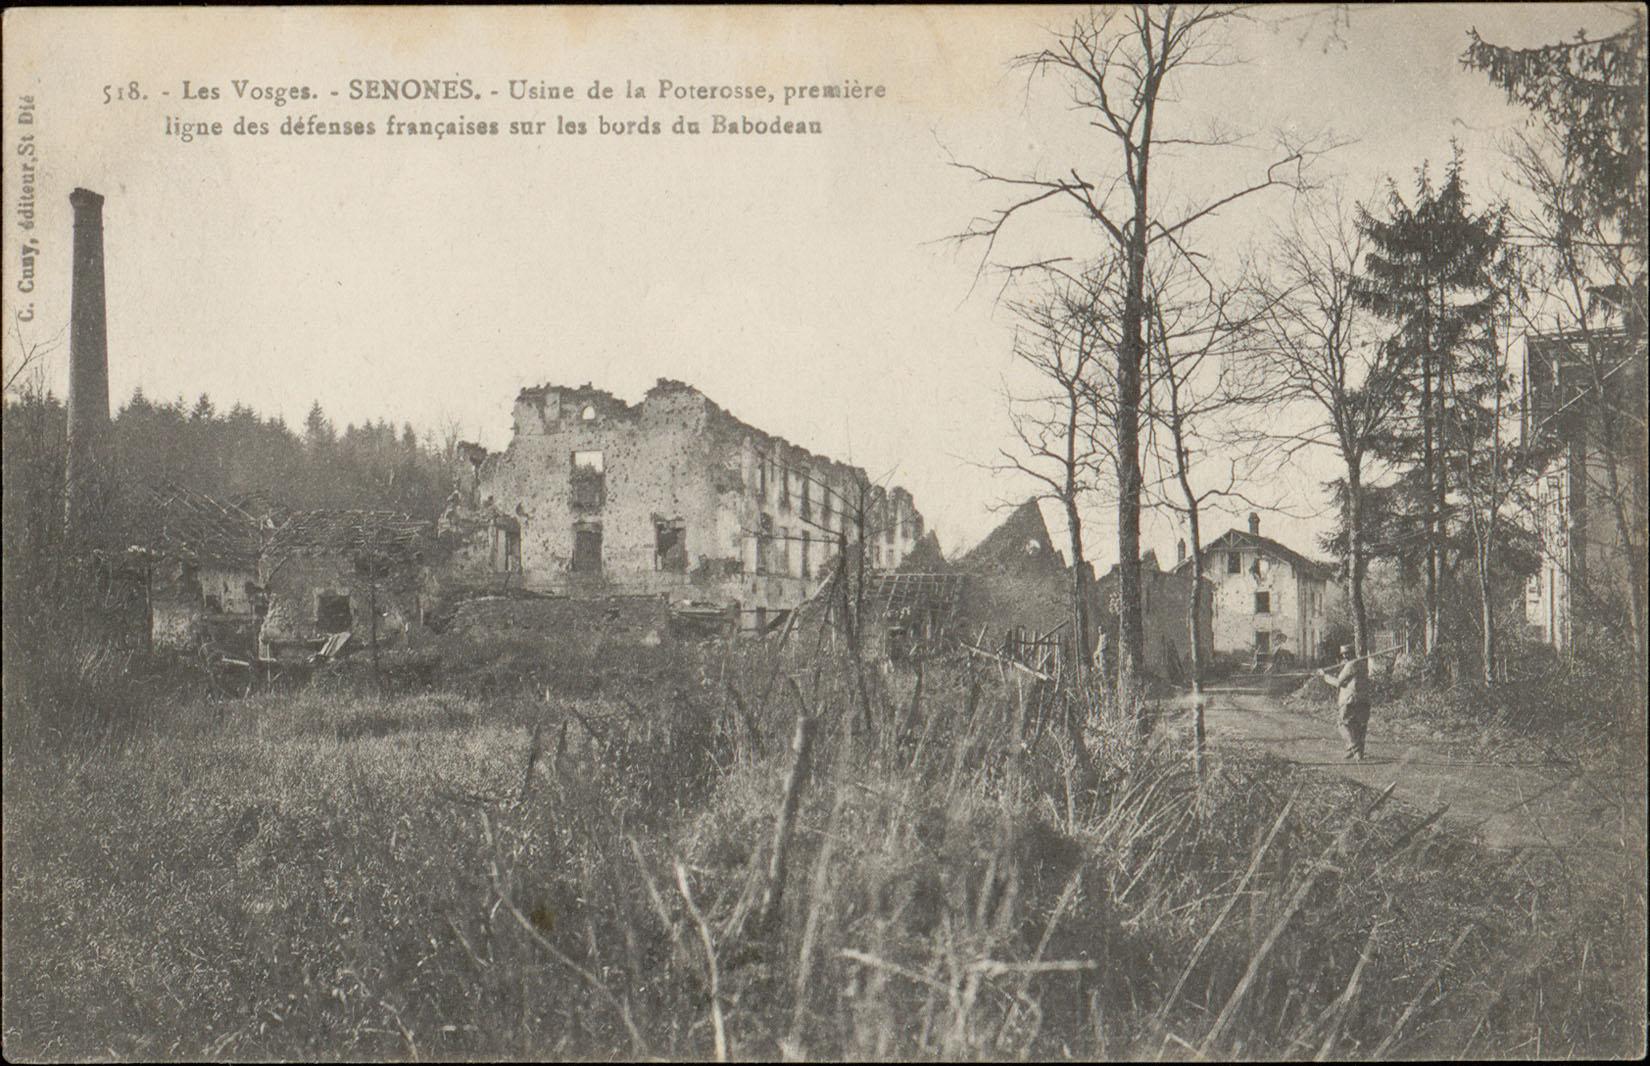 Contenu du Senones, Usine de la Poterosse, première ligne des défenses françaises sur les bords du Babodeau